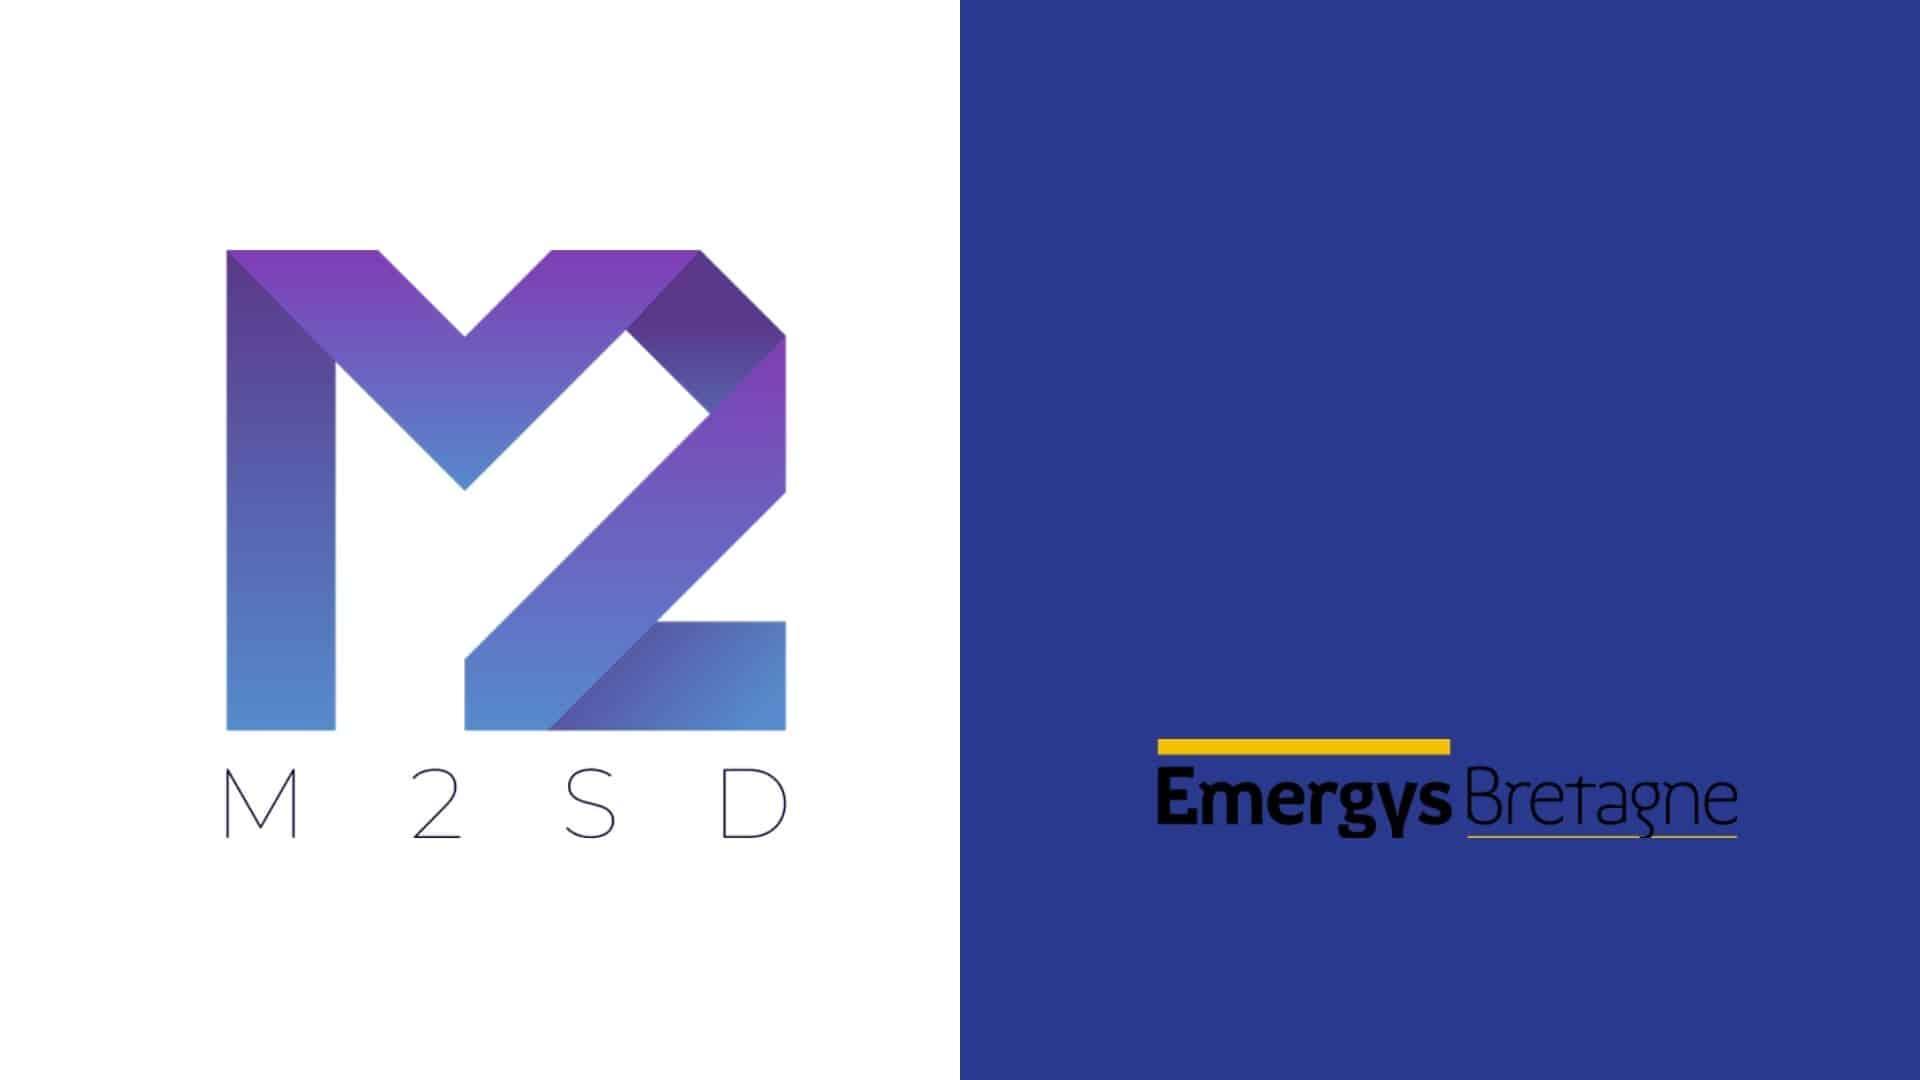 Le projet M2SD accompagné par Lorient Technopole, intègre l'incubateur Emergys Bretagne